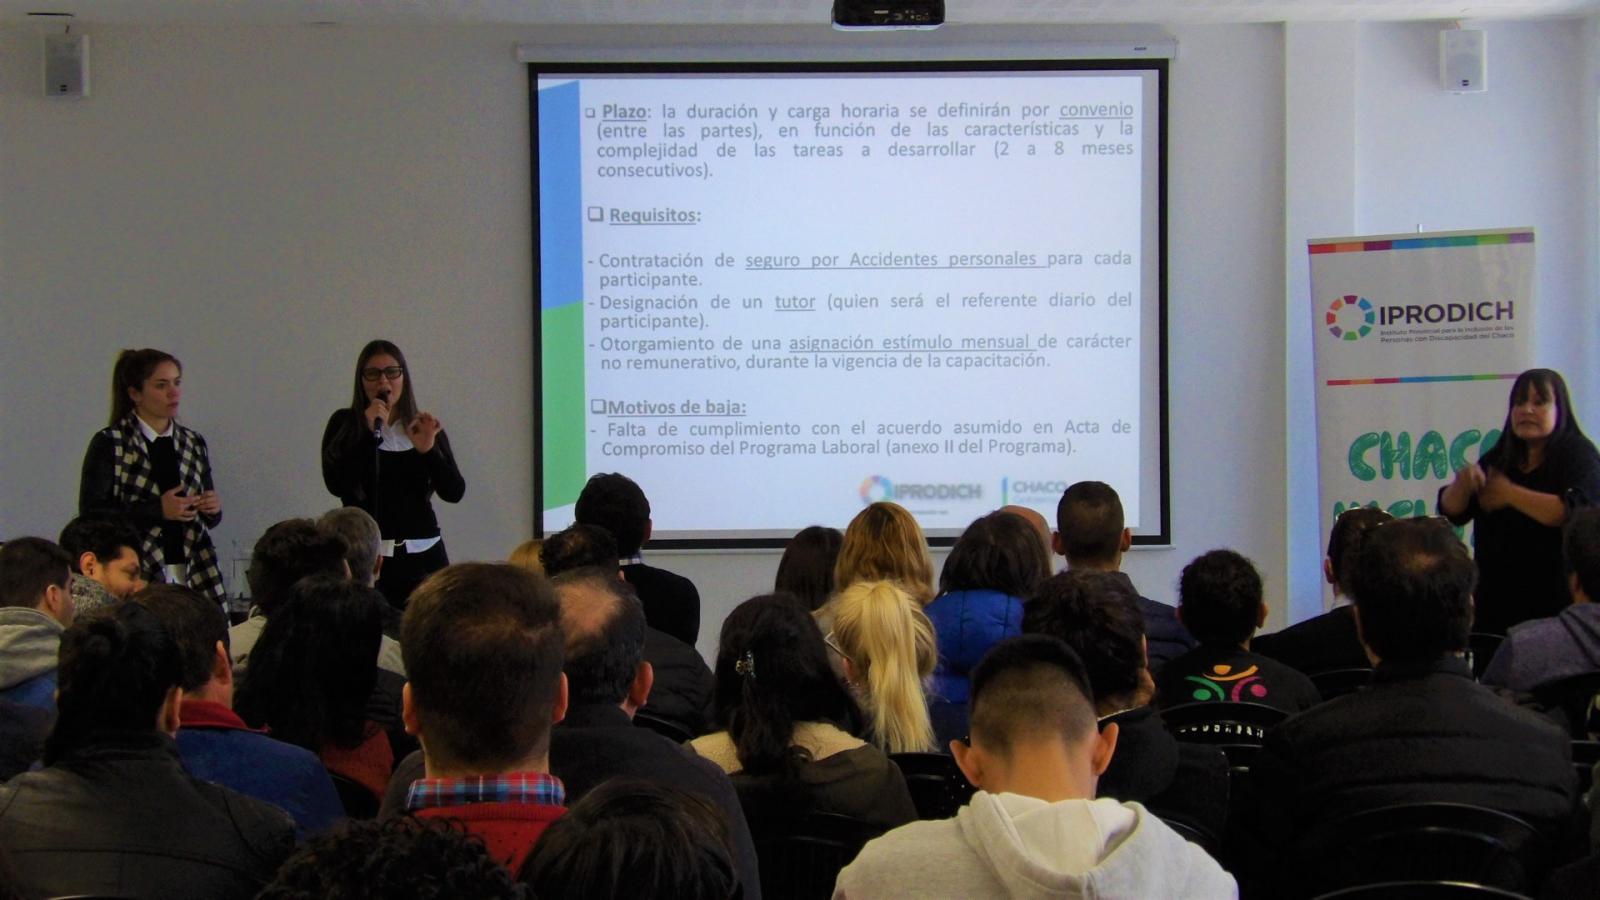 Nuevo programa de capacitación laboral y entrega de certificados de cursos